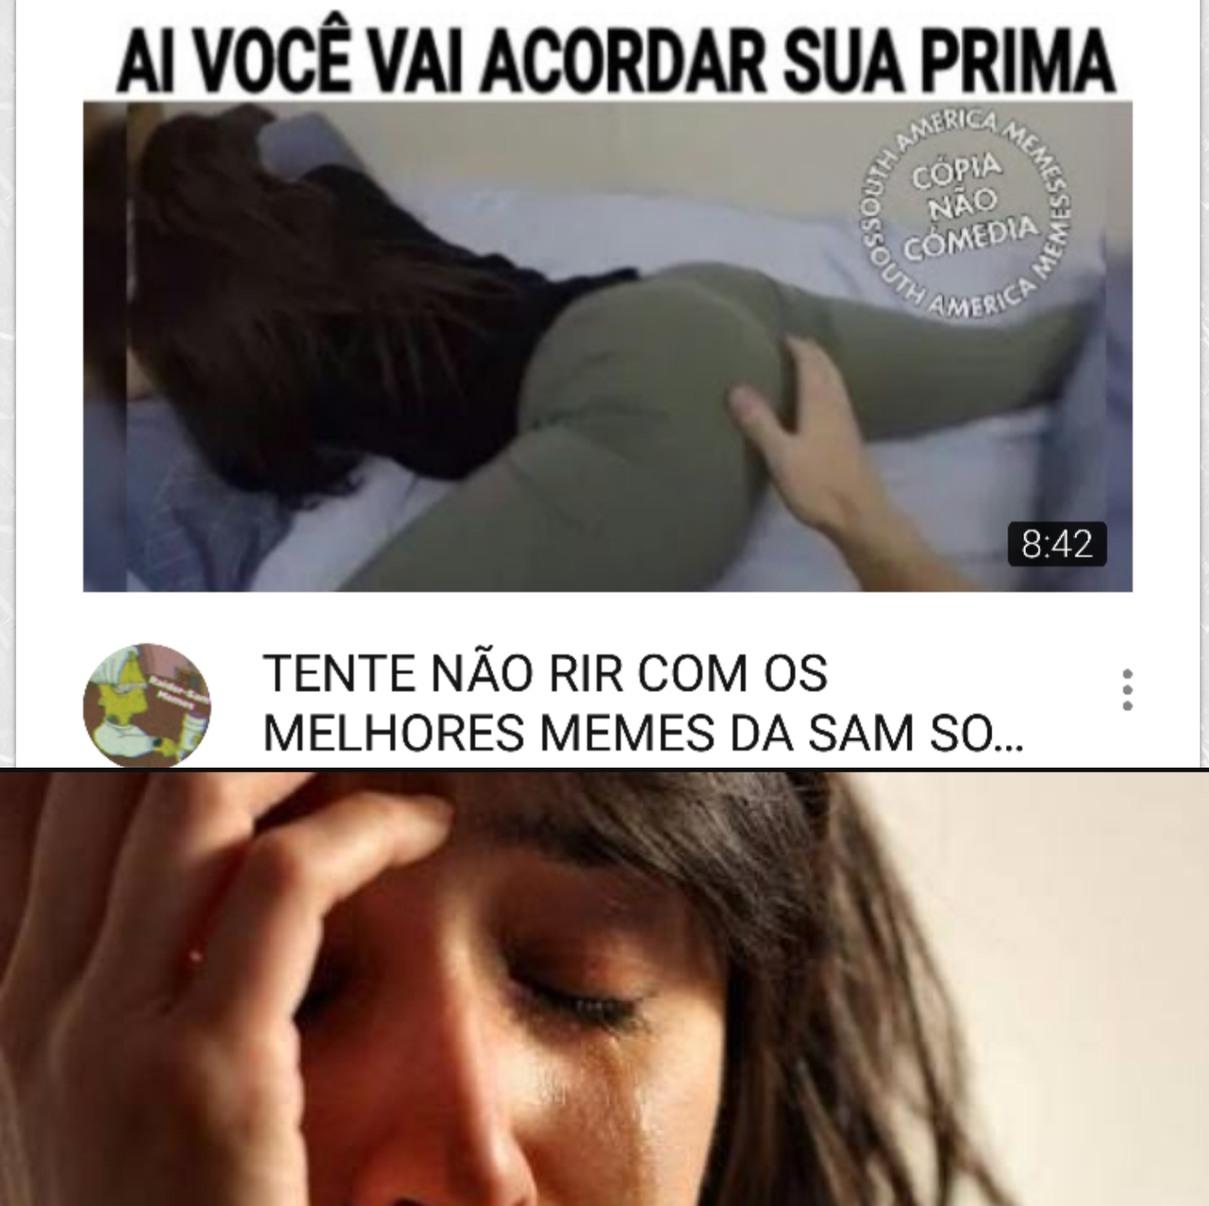 depois não entendem porque o brasileiro é zoado - meme